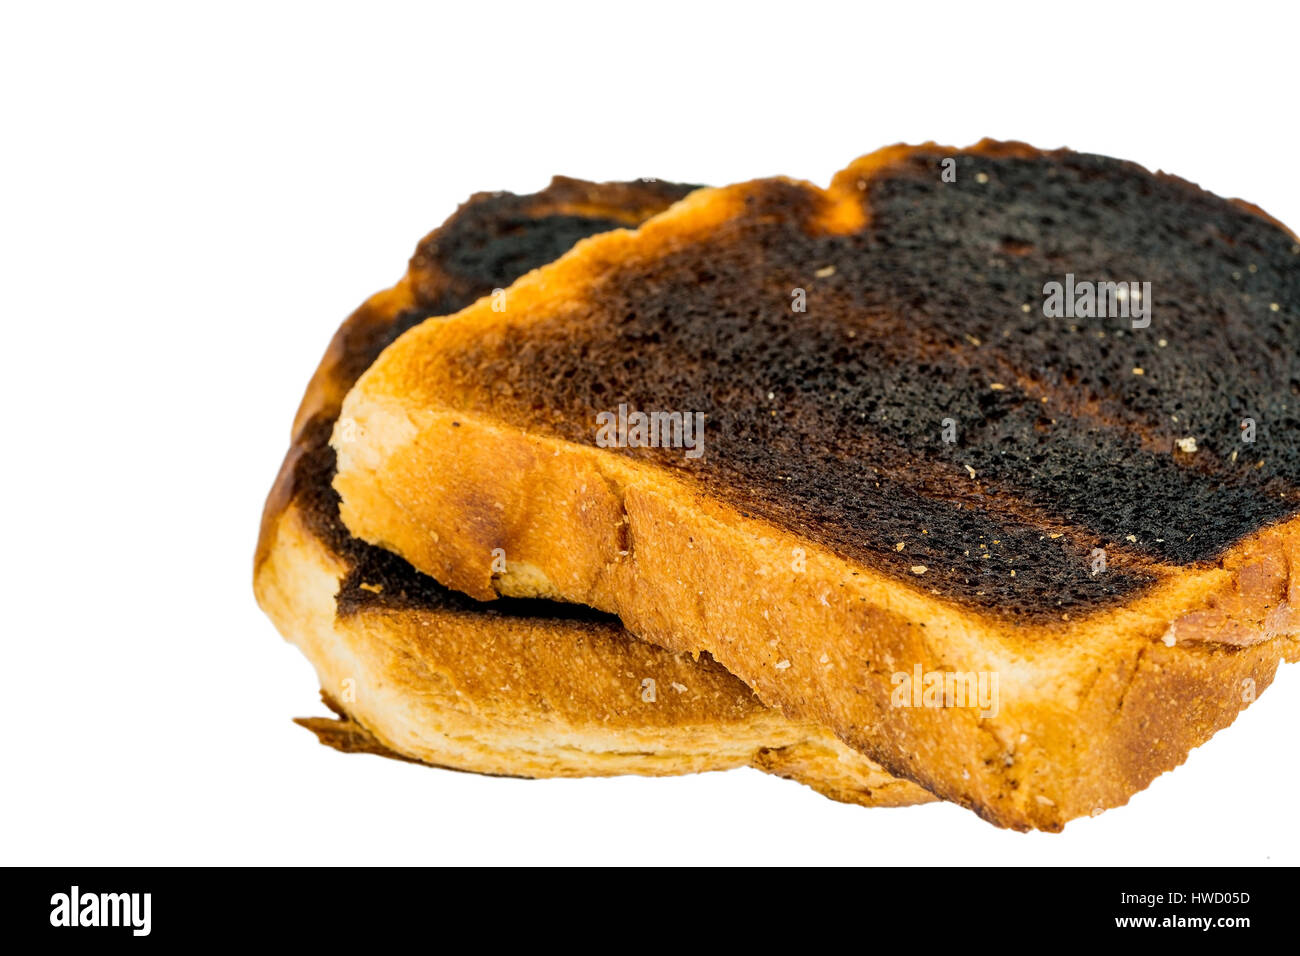 Tostare il pane è diventato con brindare burntly. Toast bruciato dischi, Toastbrot wurde beim toasten verbrannt. Verbrannte Toastscheiben Foto Stock